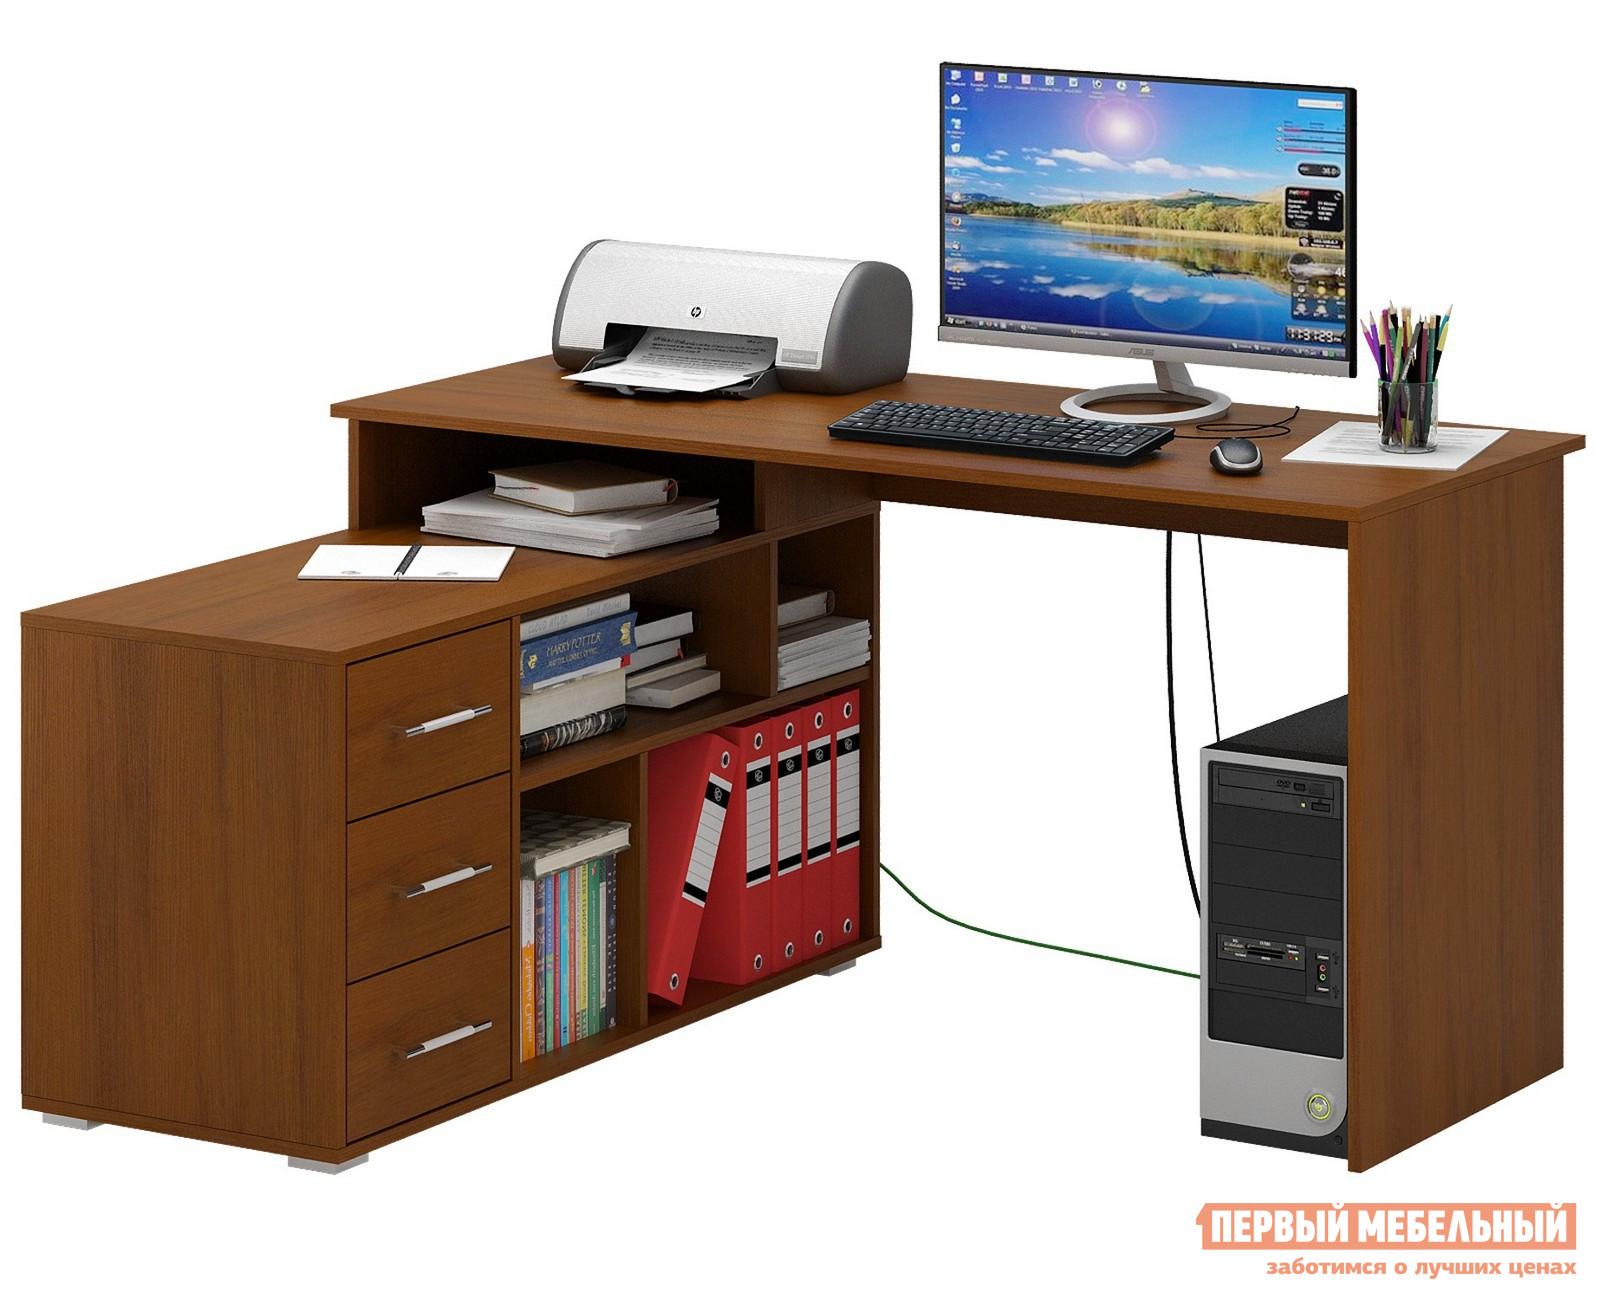 Компьютерный стол барди-2 мф мастер купить в москве и спб в .